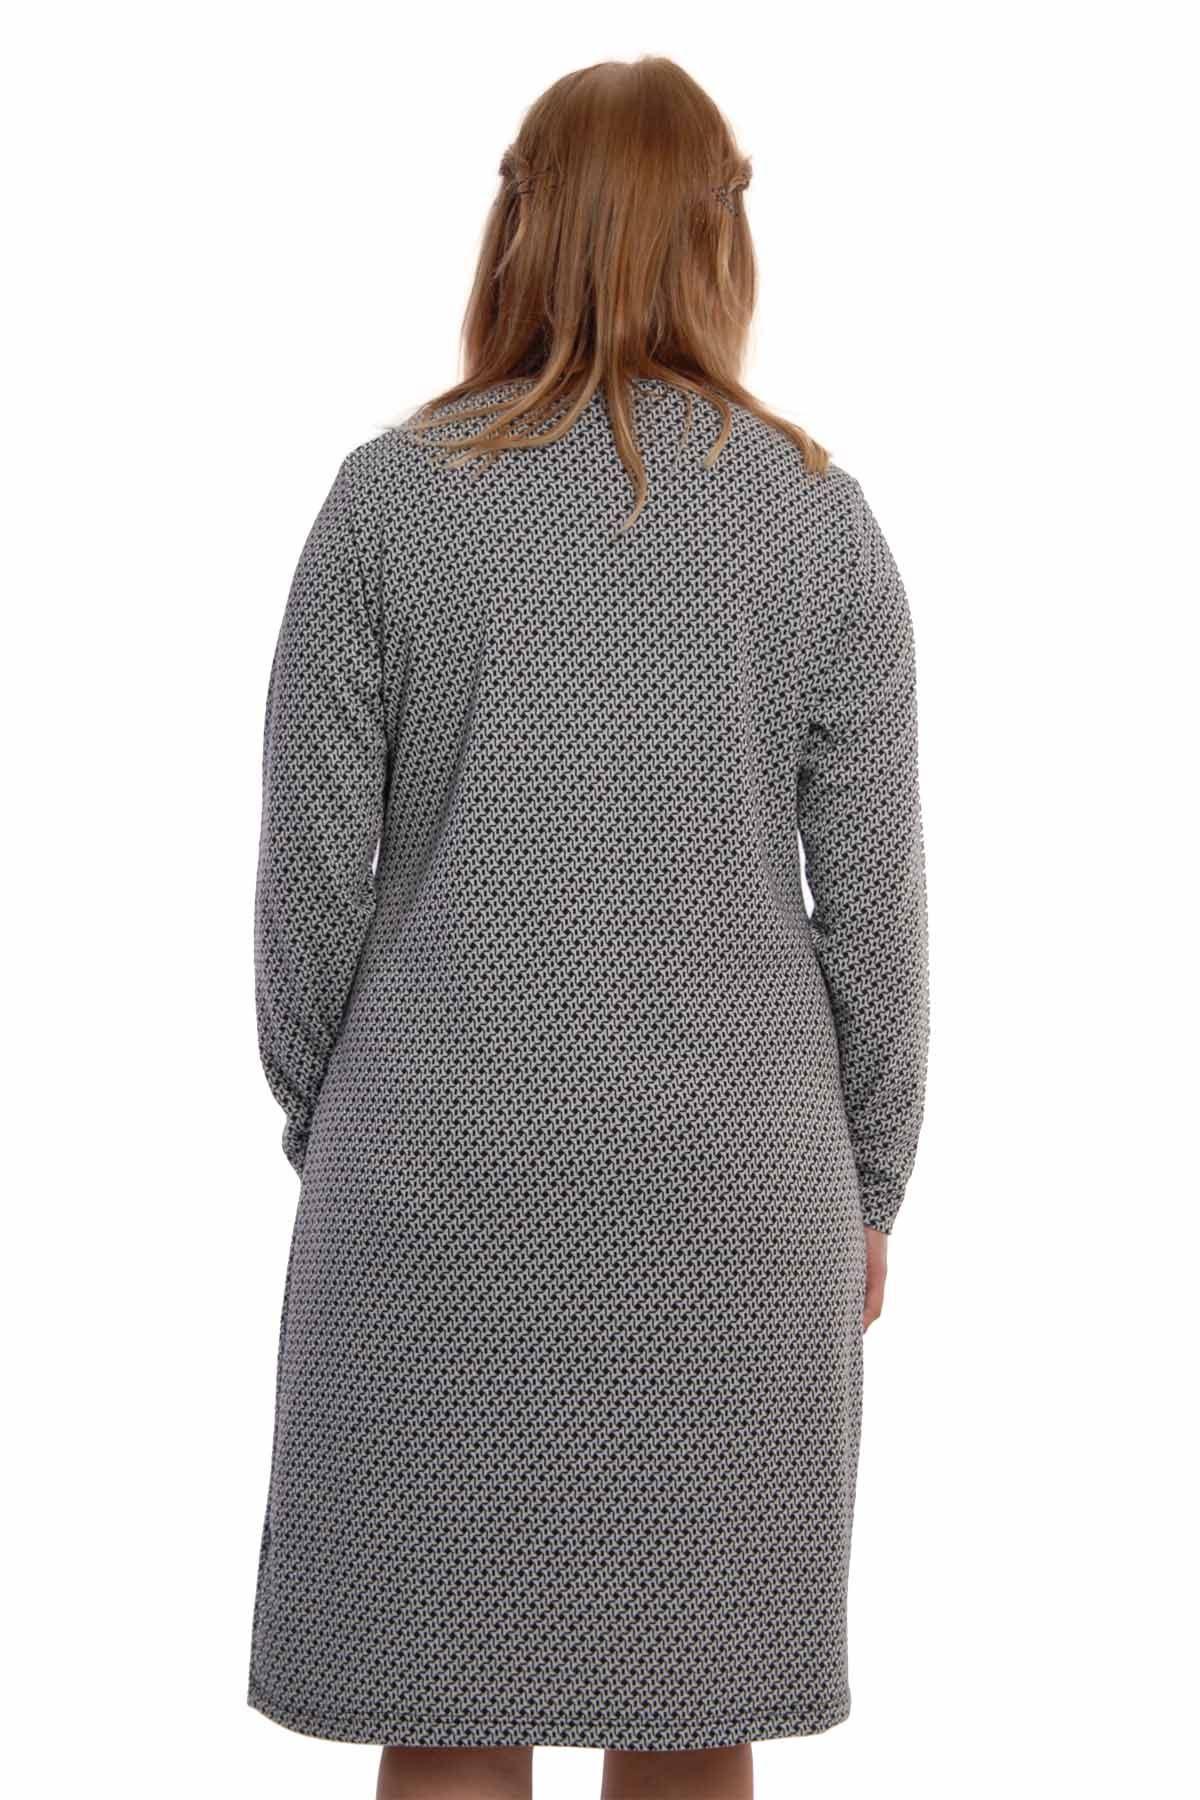 Rahat Kesim Elbise 6B-65421